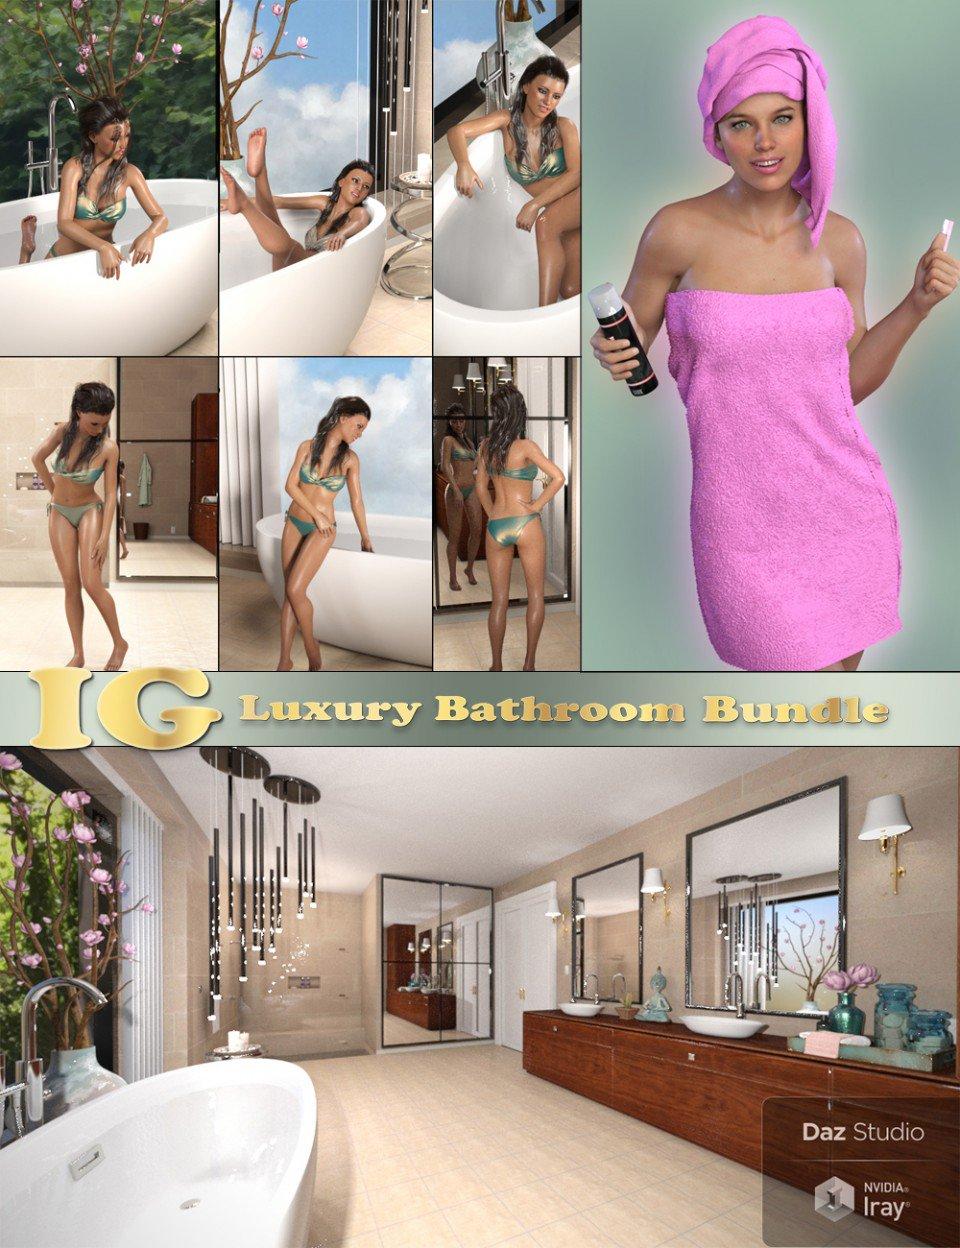 igf-luxury-bathroom-bundle